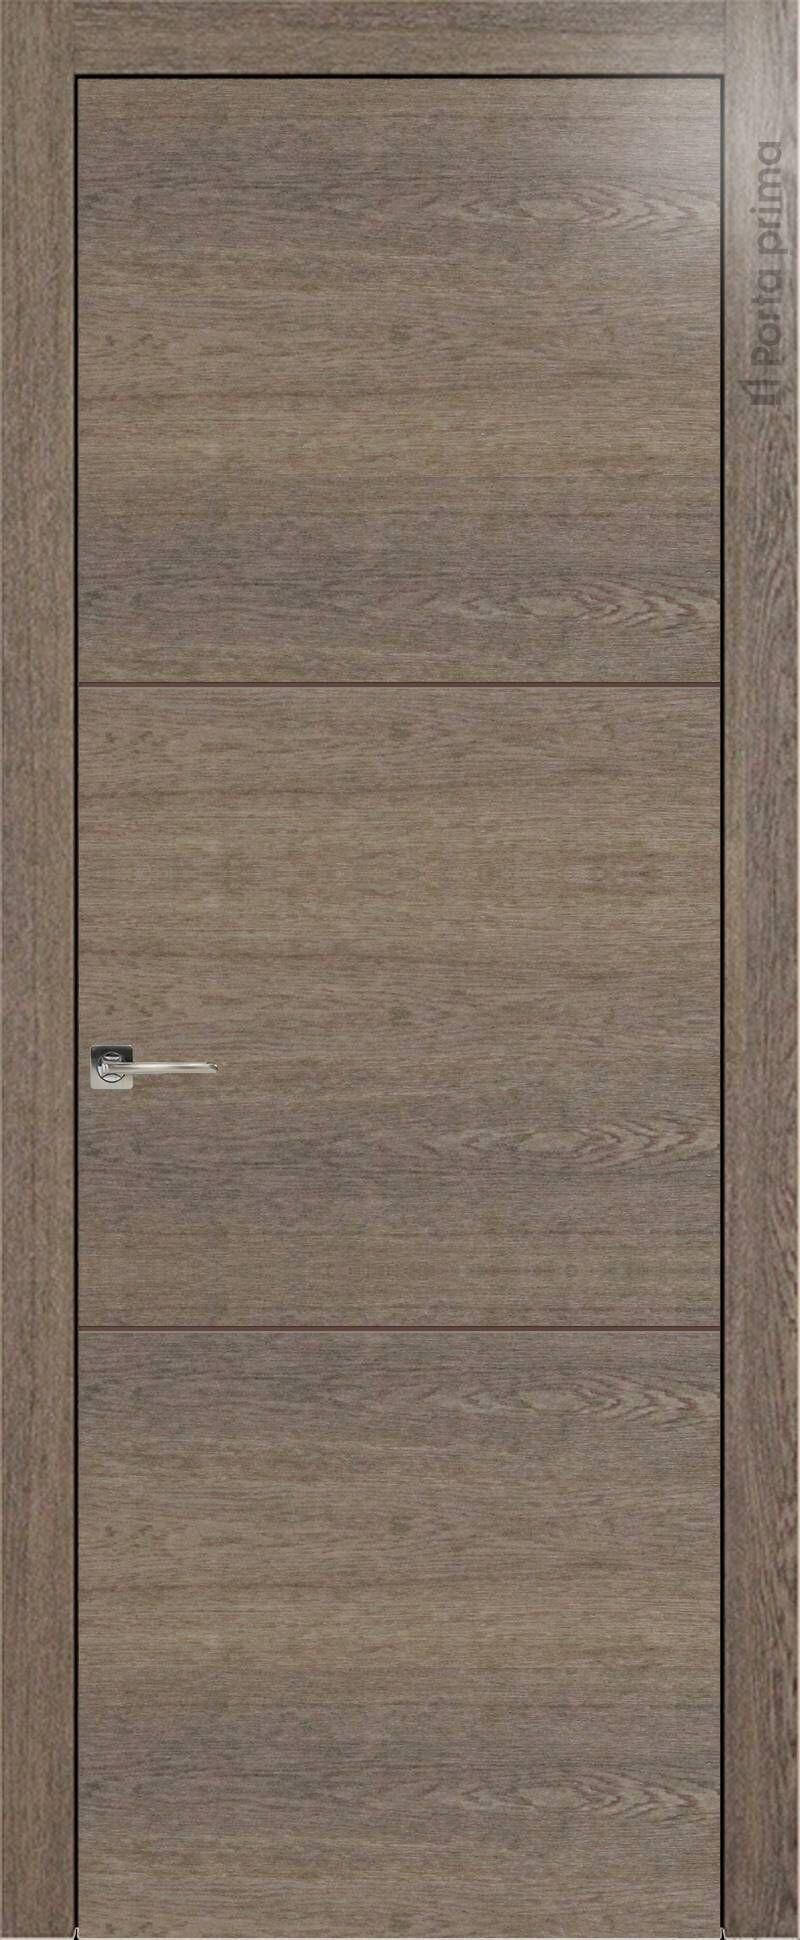 Tivoli В-2 цвет - Дуб антик Без стекла (ДГ)